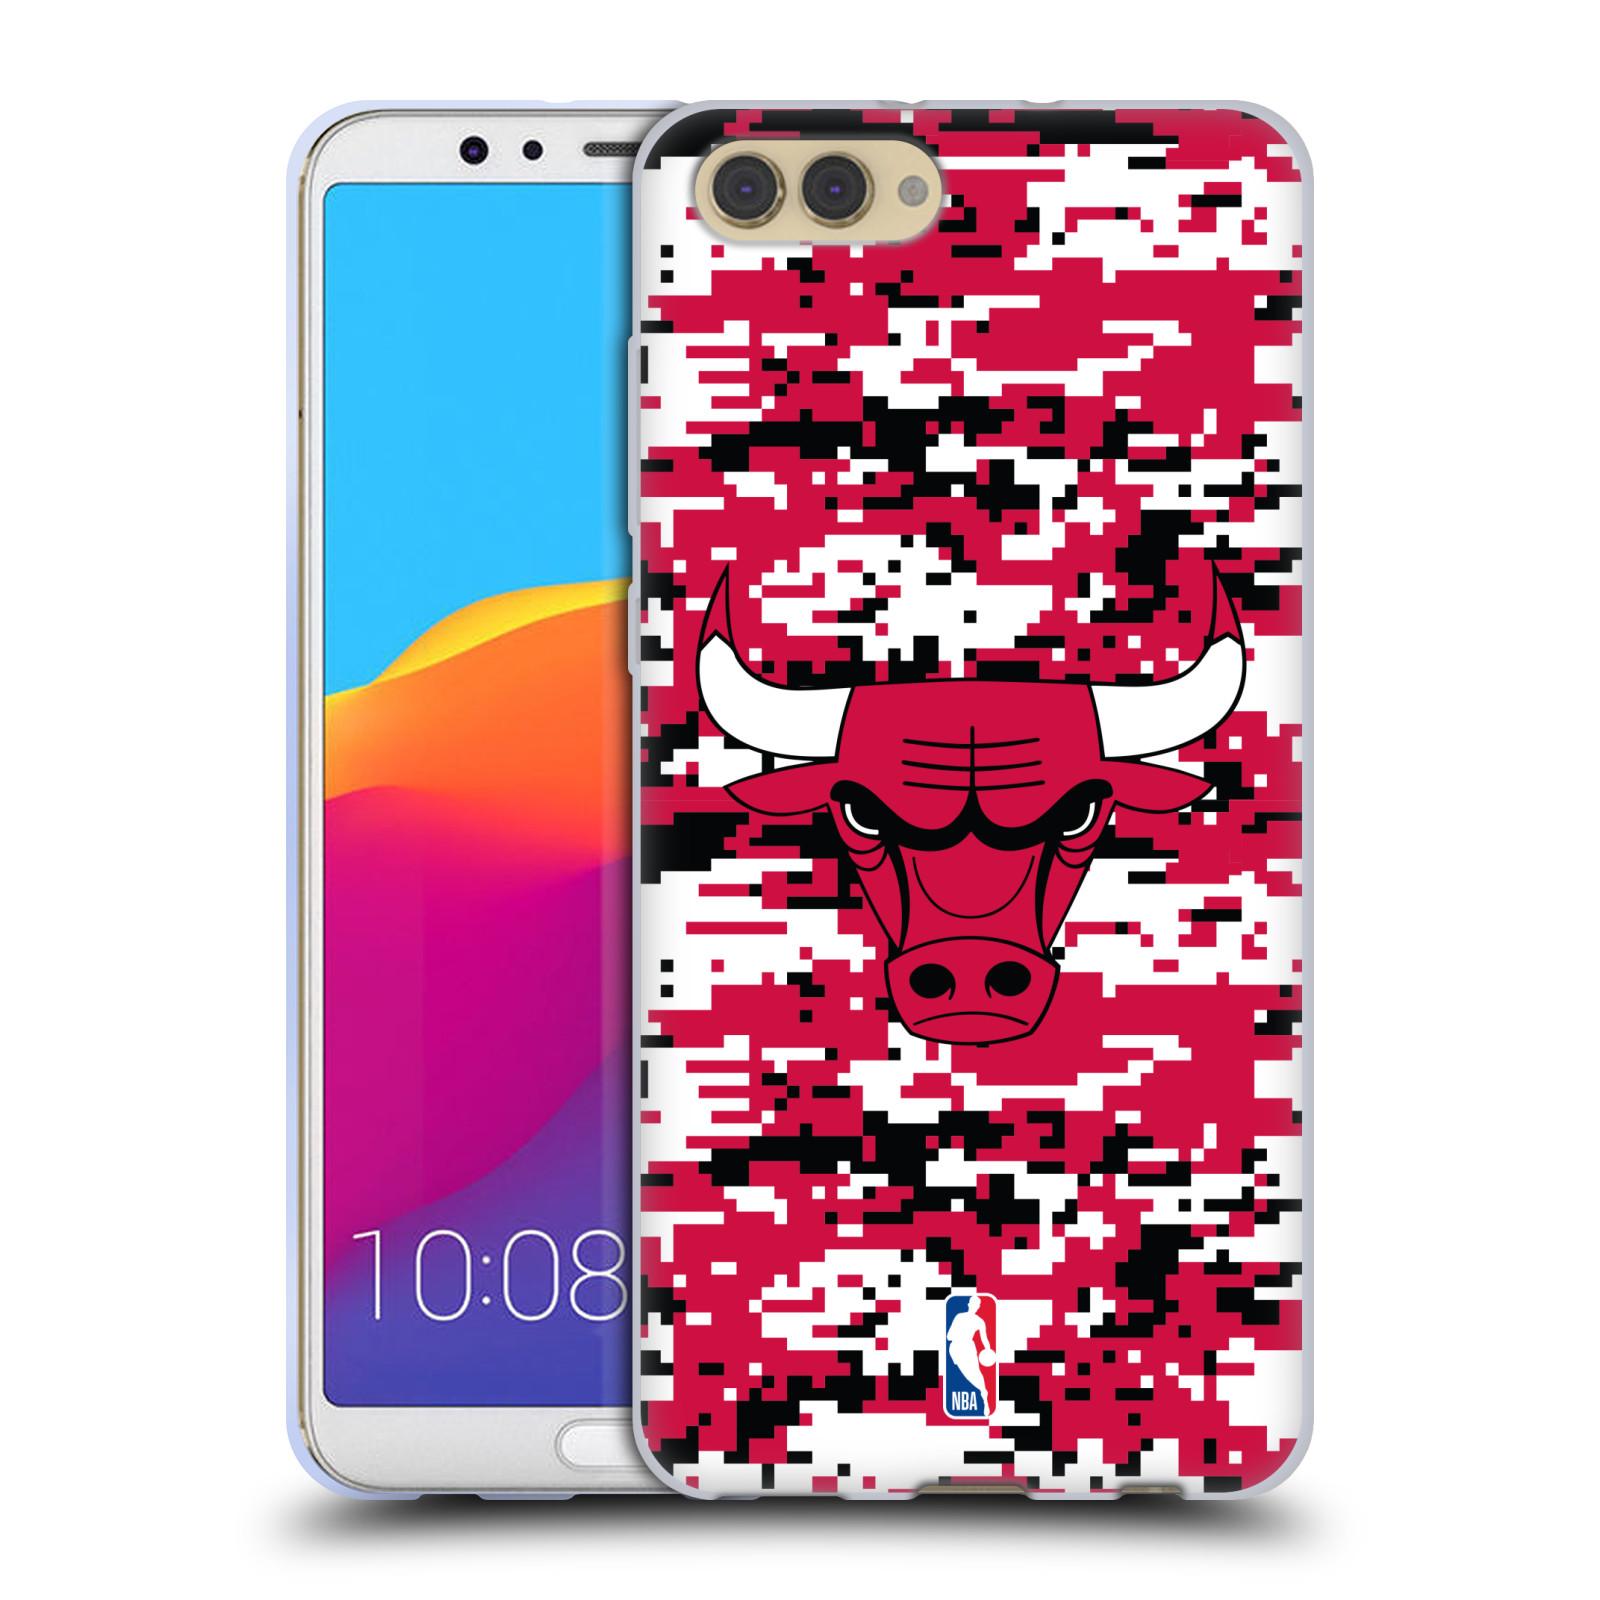 HEAD CASE silikonový obal na mobil Huawei HONOR VIEW 10 / V10 NBA Basketbalový klub Chicago Bulls logo kamufláž